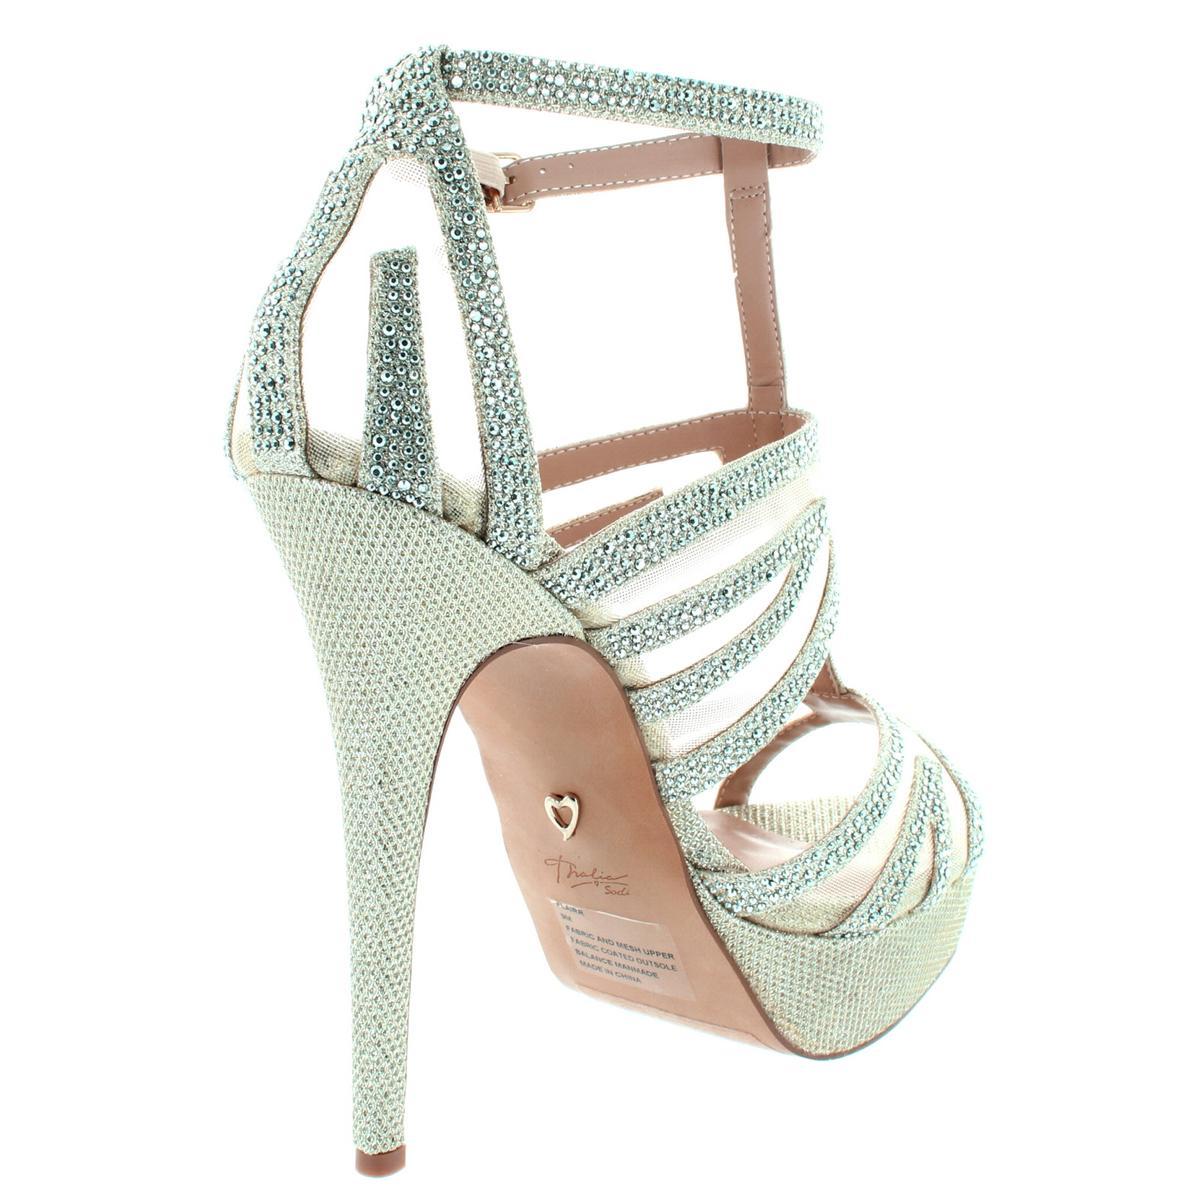 Thalia-Sodi-Womens-Flairr-Stilettos-Open-Toe-Evening-Heels-Platforms-BHFO-3444 thumbnail 7